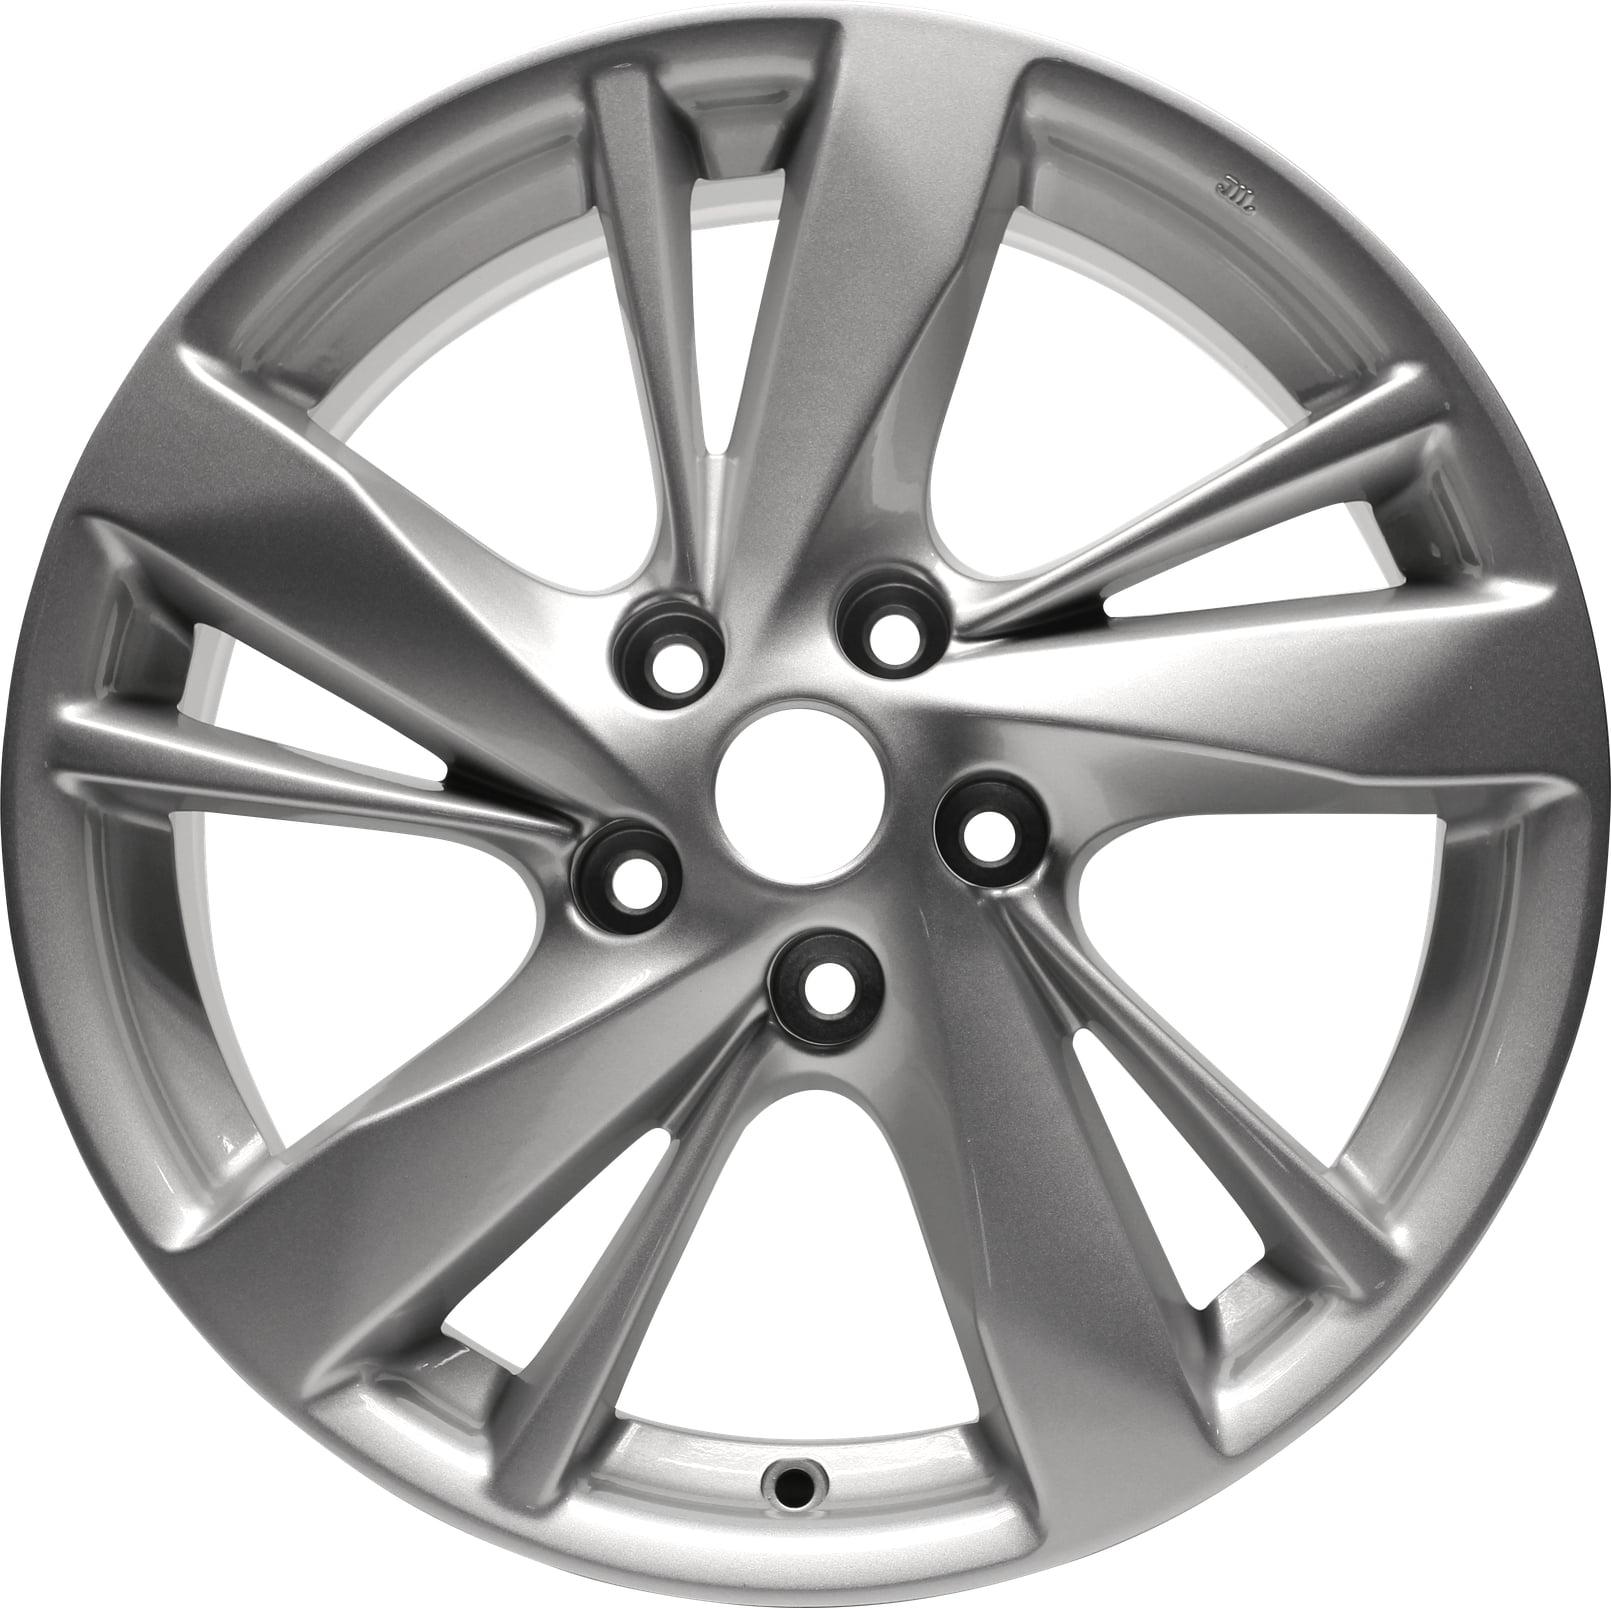 Aluminum Wheel Rim 17 Inch For 2013 2015 Nissan Altima Tire Fits R17 Walmart Com Walmart Com